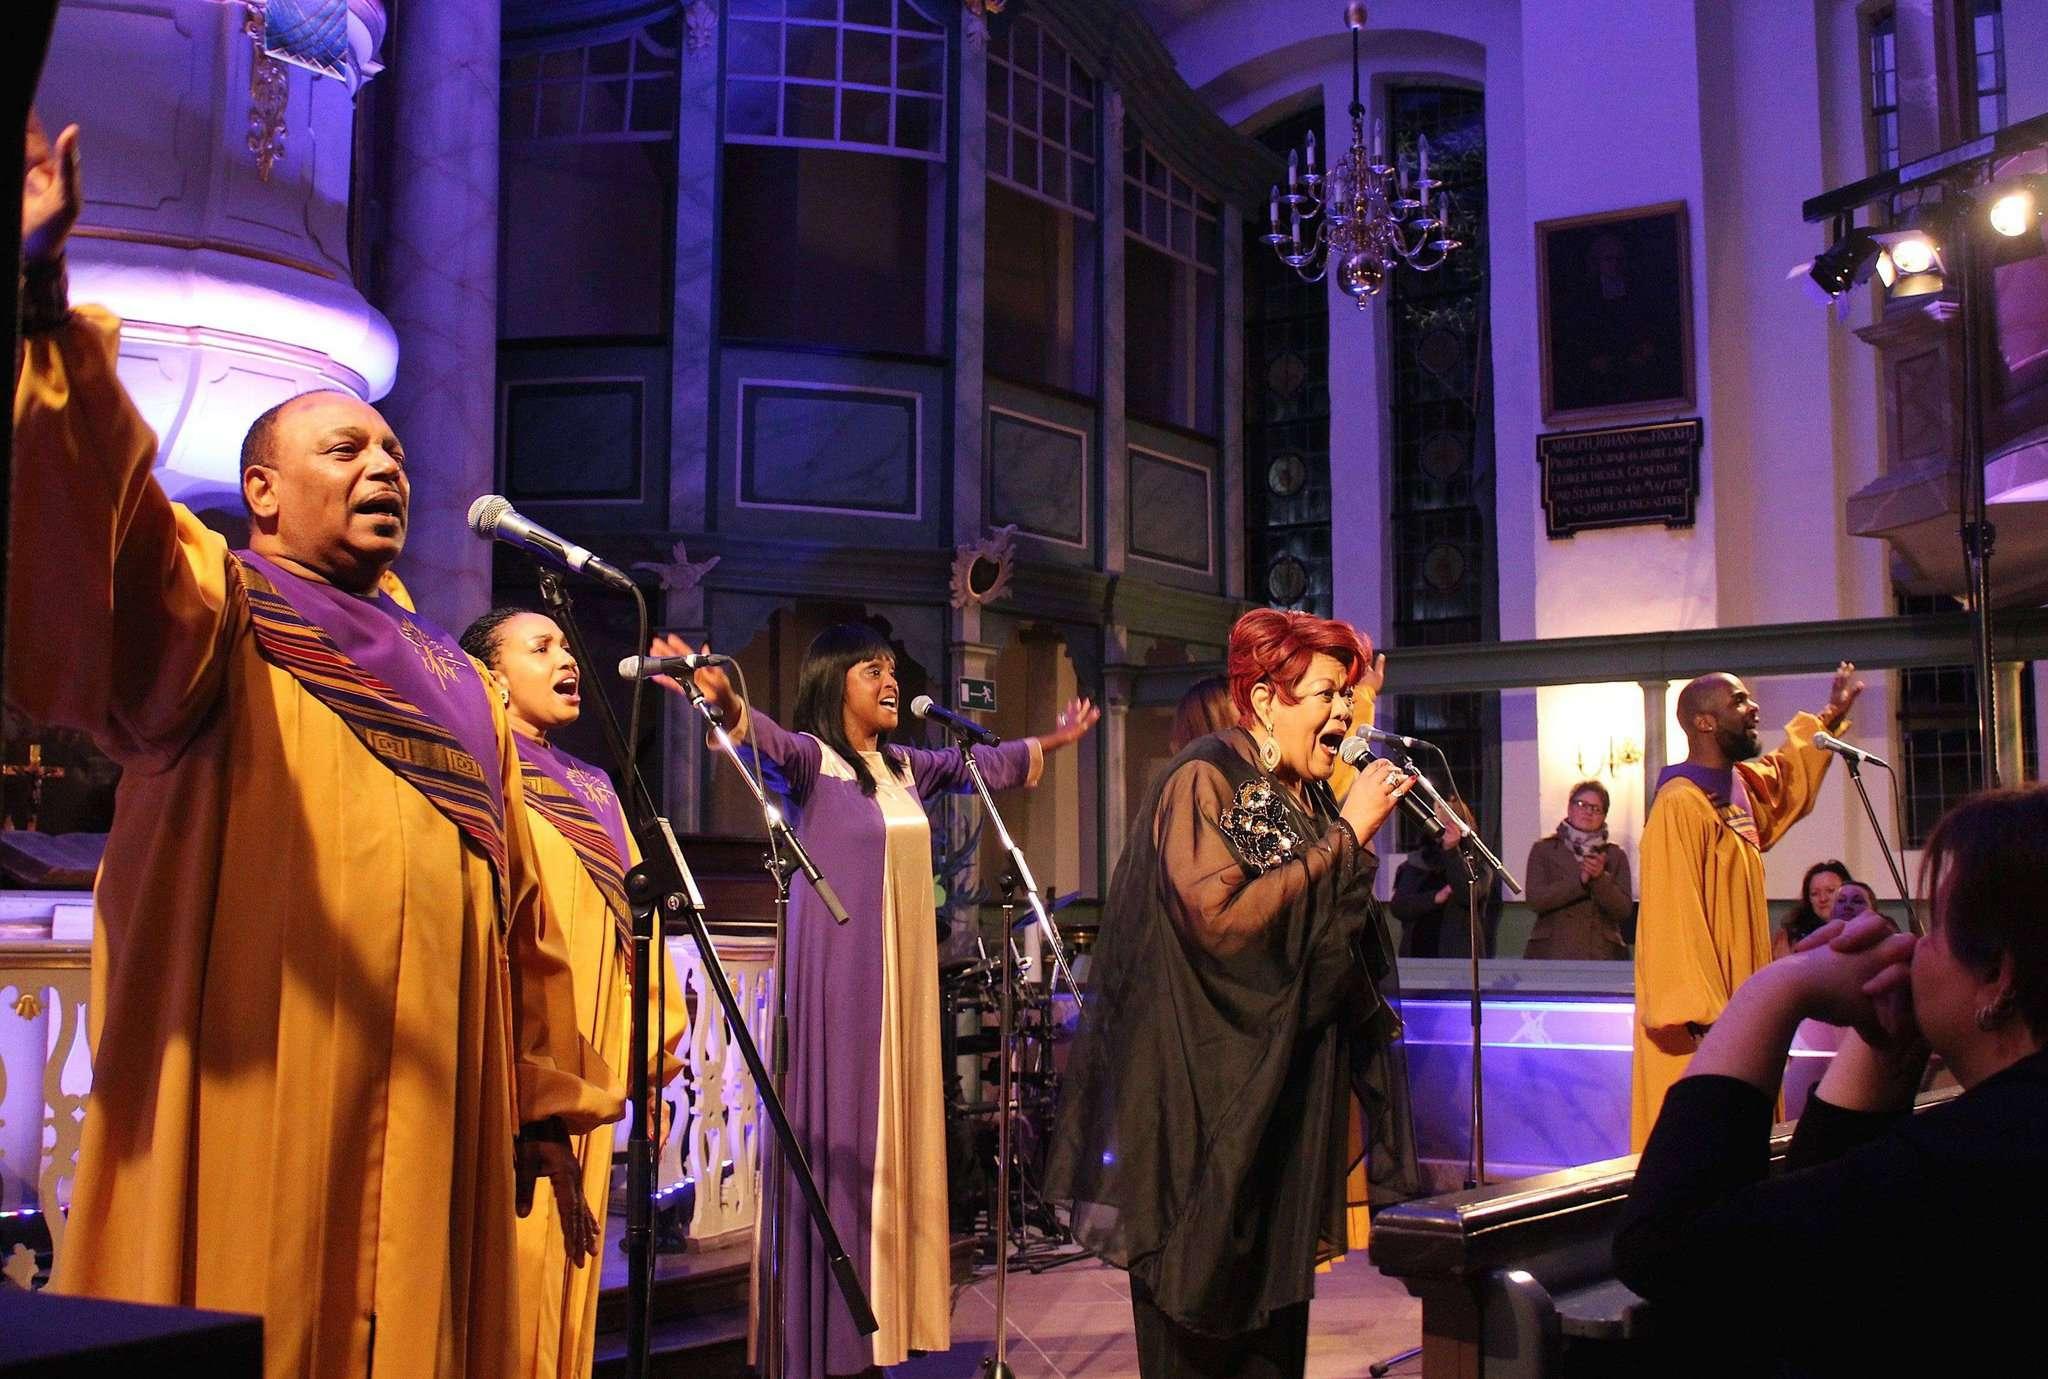 Wollen die Scheeßeler Sankt-Lukas-Kirche zum Klingen bringen: die Black Gospel Angels